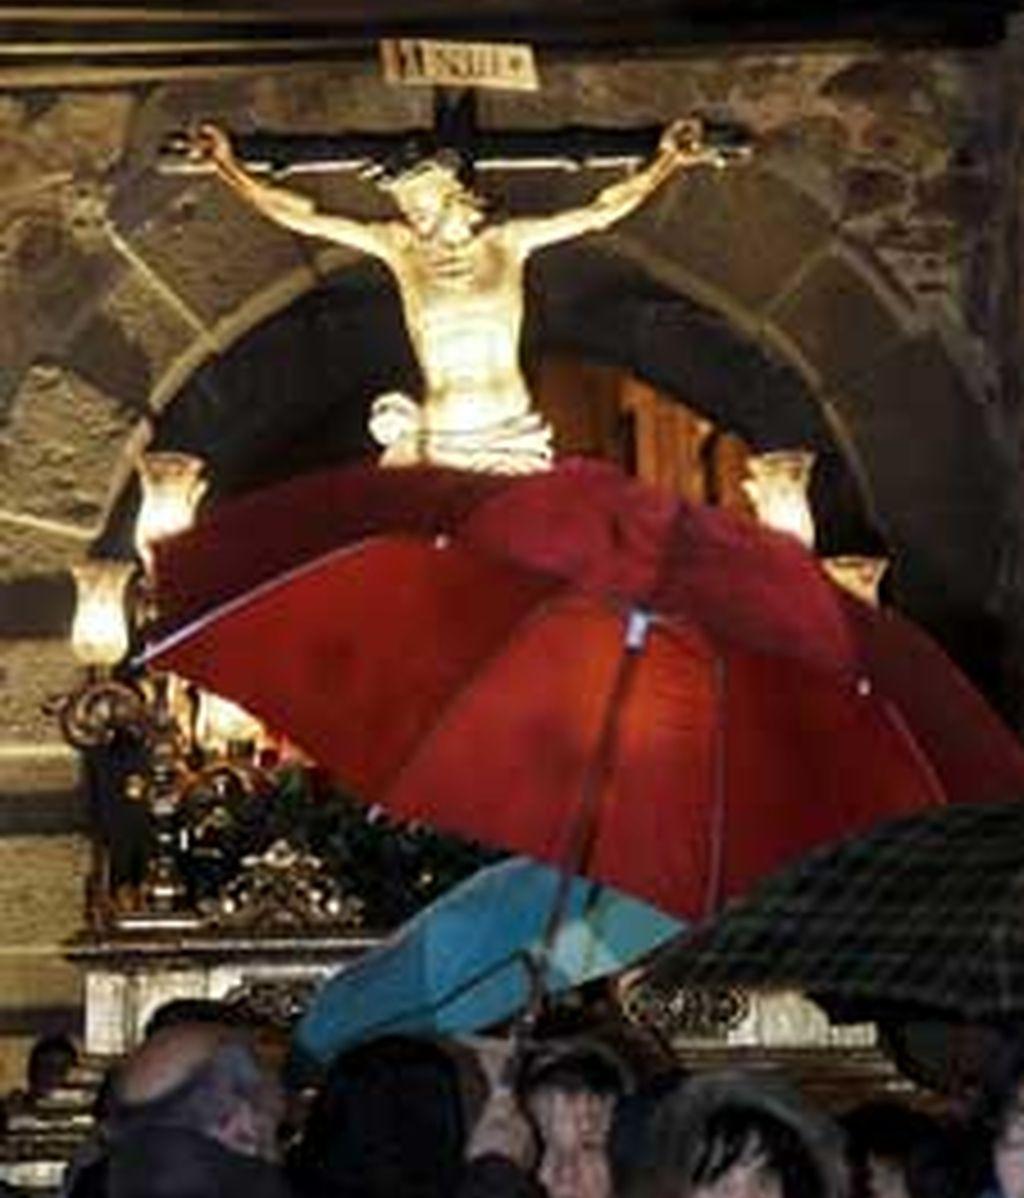 Las procesiones laicas de L'Hospitalet, suspendidas. Vídeo: ATLAS